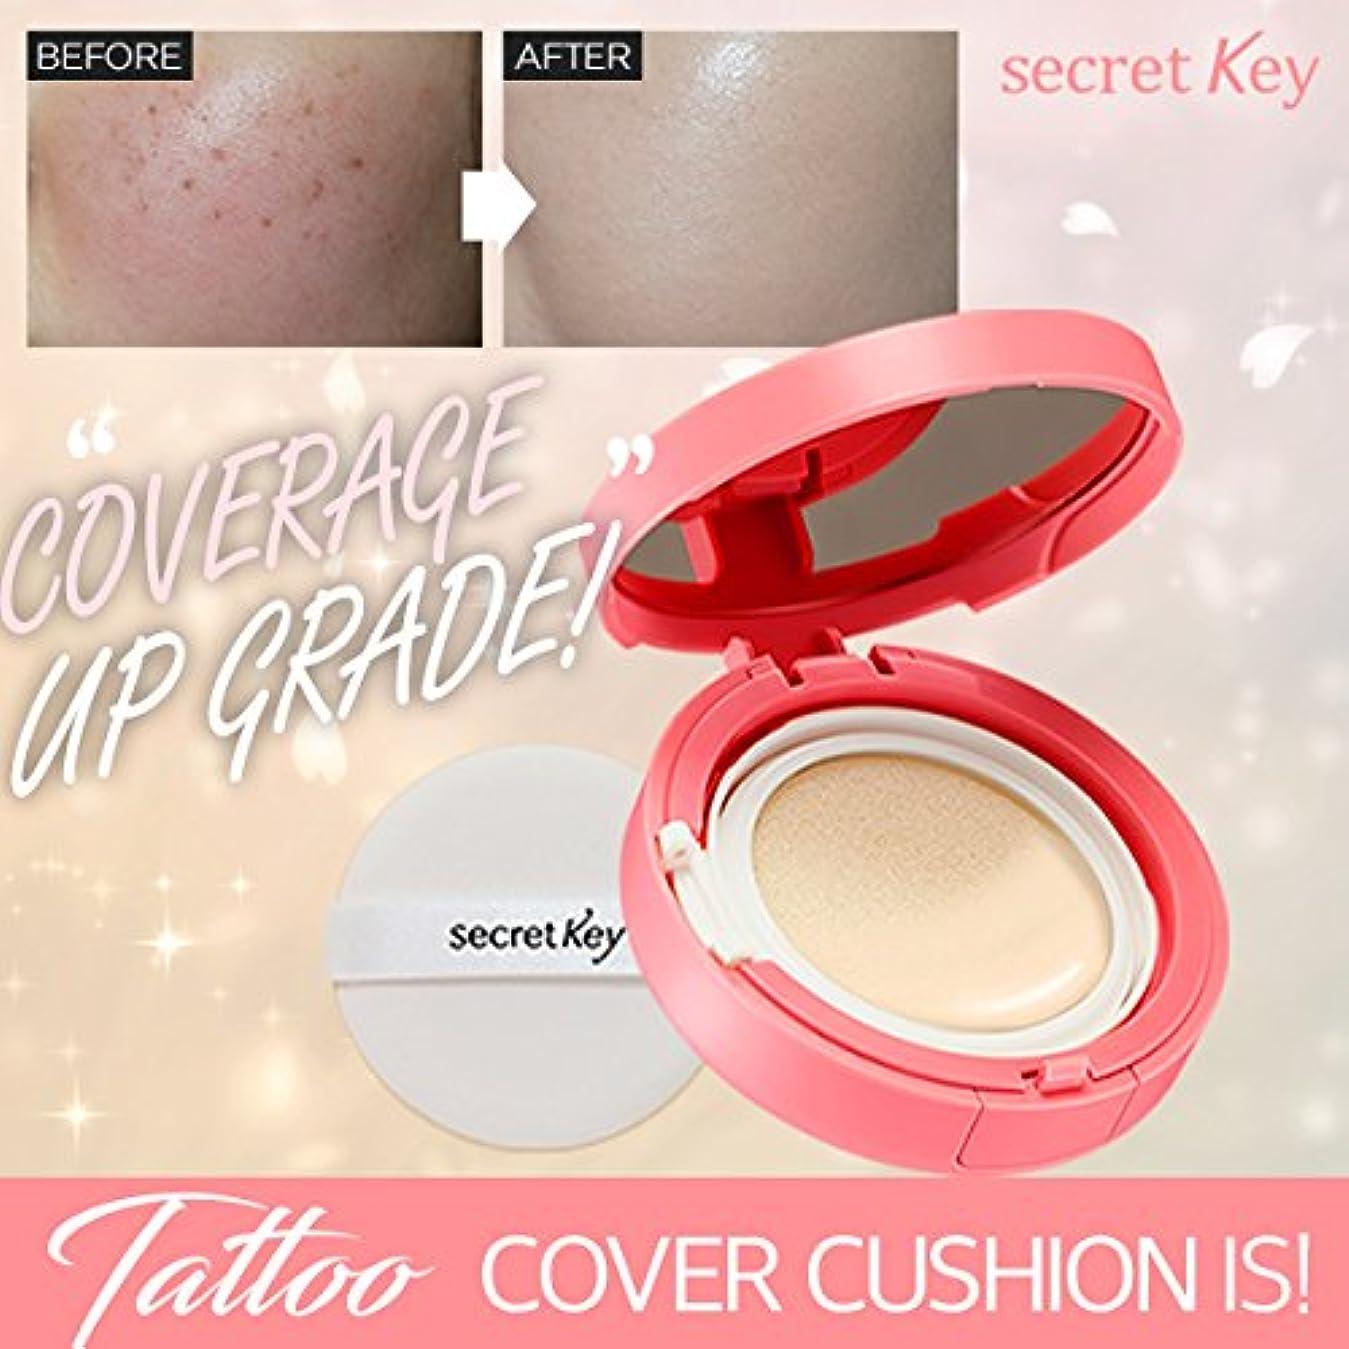 機密純度エキスパートSecretkey シークレットキー タトゥーカバークッション14g ピンクエディション 期間限定 Tattoo Cover Cushion Pink Edition 海外直送品 (ライトベージュ21号)